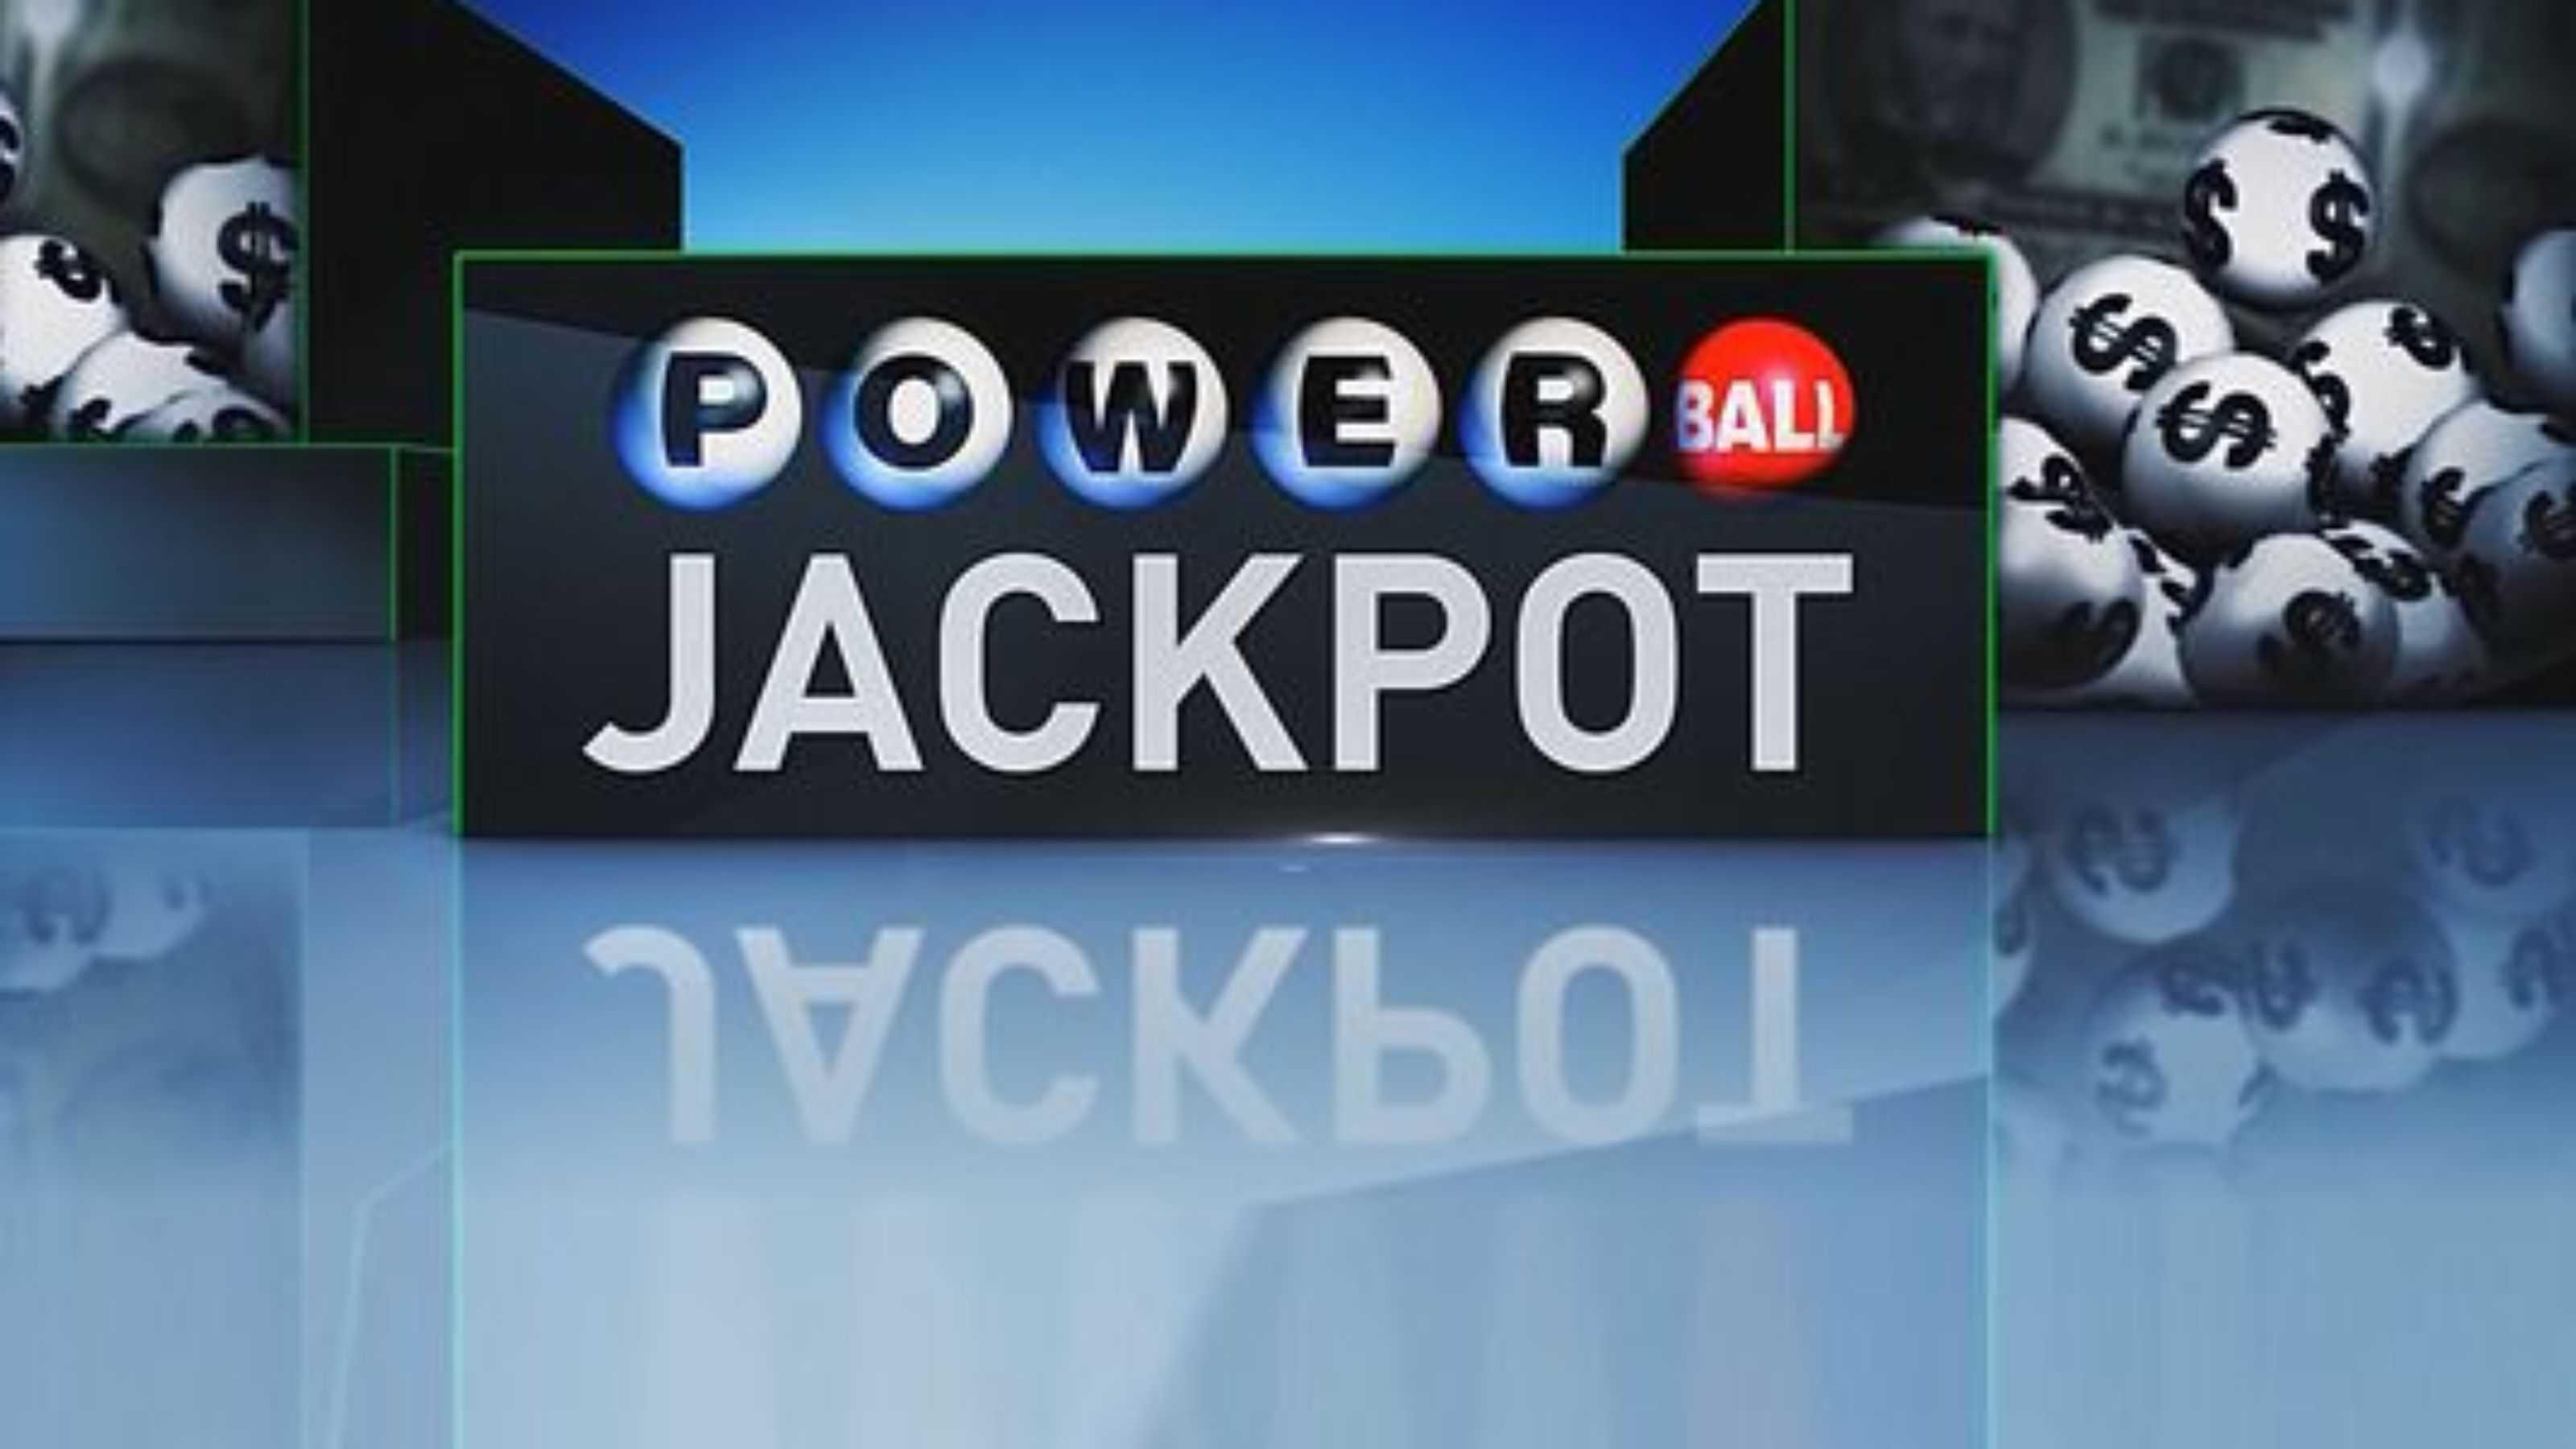 Lotteri jackpot optegnelser - wiki